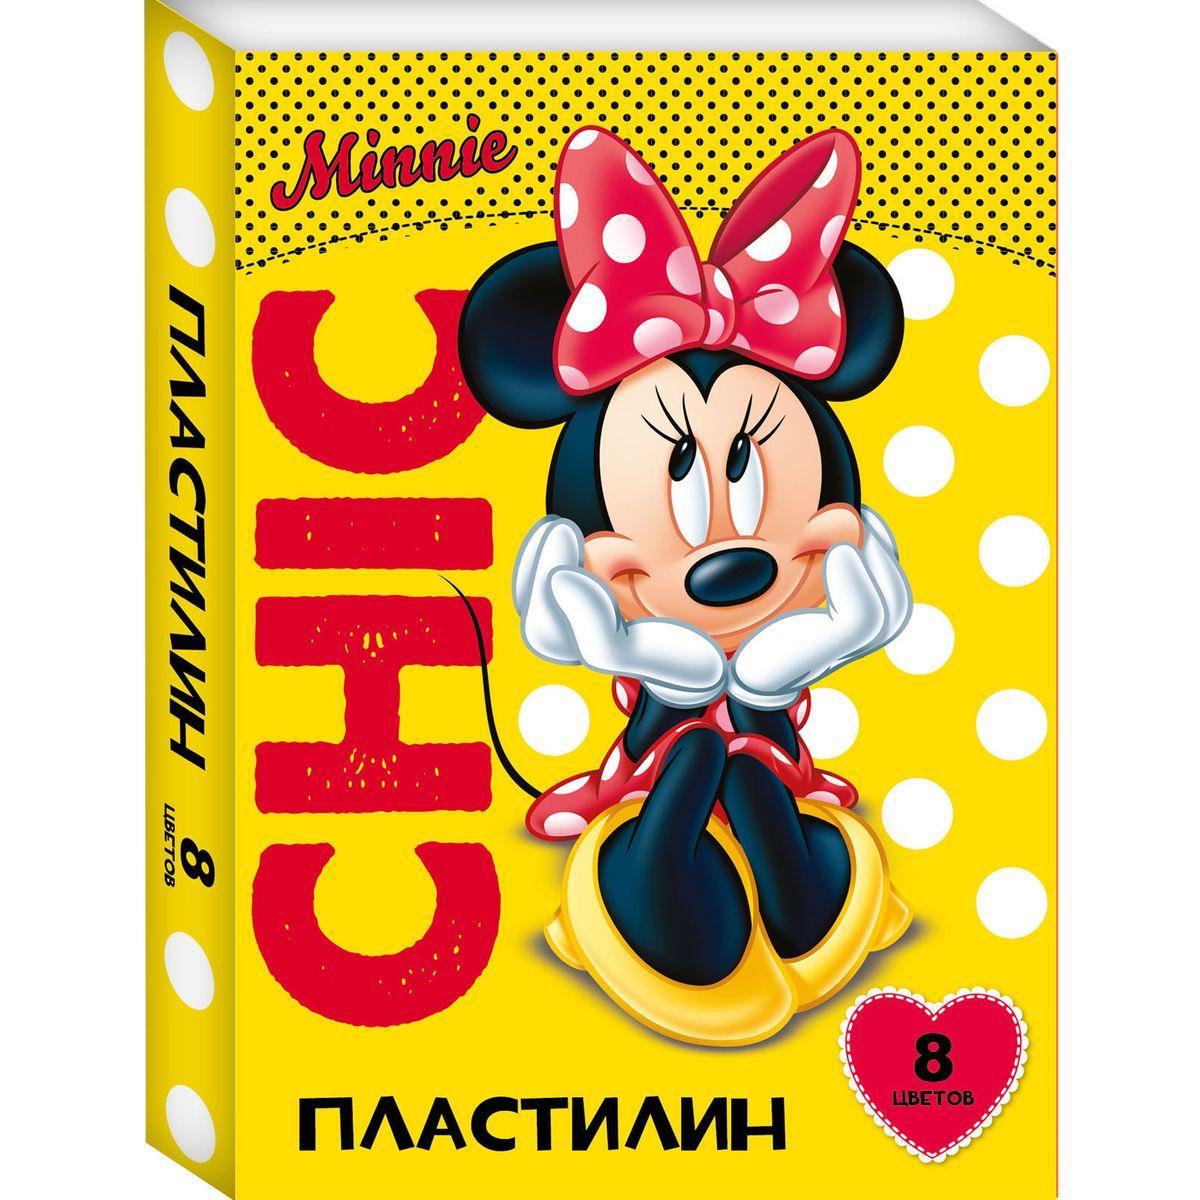 Disney Пластилин Минни 8 цветов29385Яркий и легко размягчающийся пластилин Disney Минни поможет вашей малышке создать множество интересных поделок, а очаровательная мышка Минни Маус вдохновит кроху на новые творческие идеи. Лепить из этого пластилина - одно удовольствие: он обладает отличными пластичными свойствами, не липнет к рукам, не имеет запаха, безопасен при использовании по назначению. Смешивайте цвета, фантазируйте, экспериментируйте и развивайте свою малютку: лепка активно тренирует у ребенка мелкую моторику и умение работать пальчиками, развивает тактильное восприятие формы, веса и фактуры, совершенствует воображение и пространственное мышление. А главное - лепить фигурки в компании любимой героини невероятно весело! В наборе 8 цветов пластилина, которые легко смешиваются друг с другом. Состав: парафин, петролатум, мел, каолин, красители. Товар сертифицирован. Срок годности не ограничен. Упаковка: коробка размером 111х15,4х1,8 см.